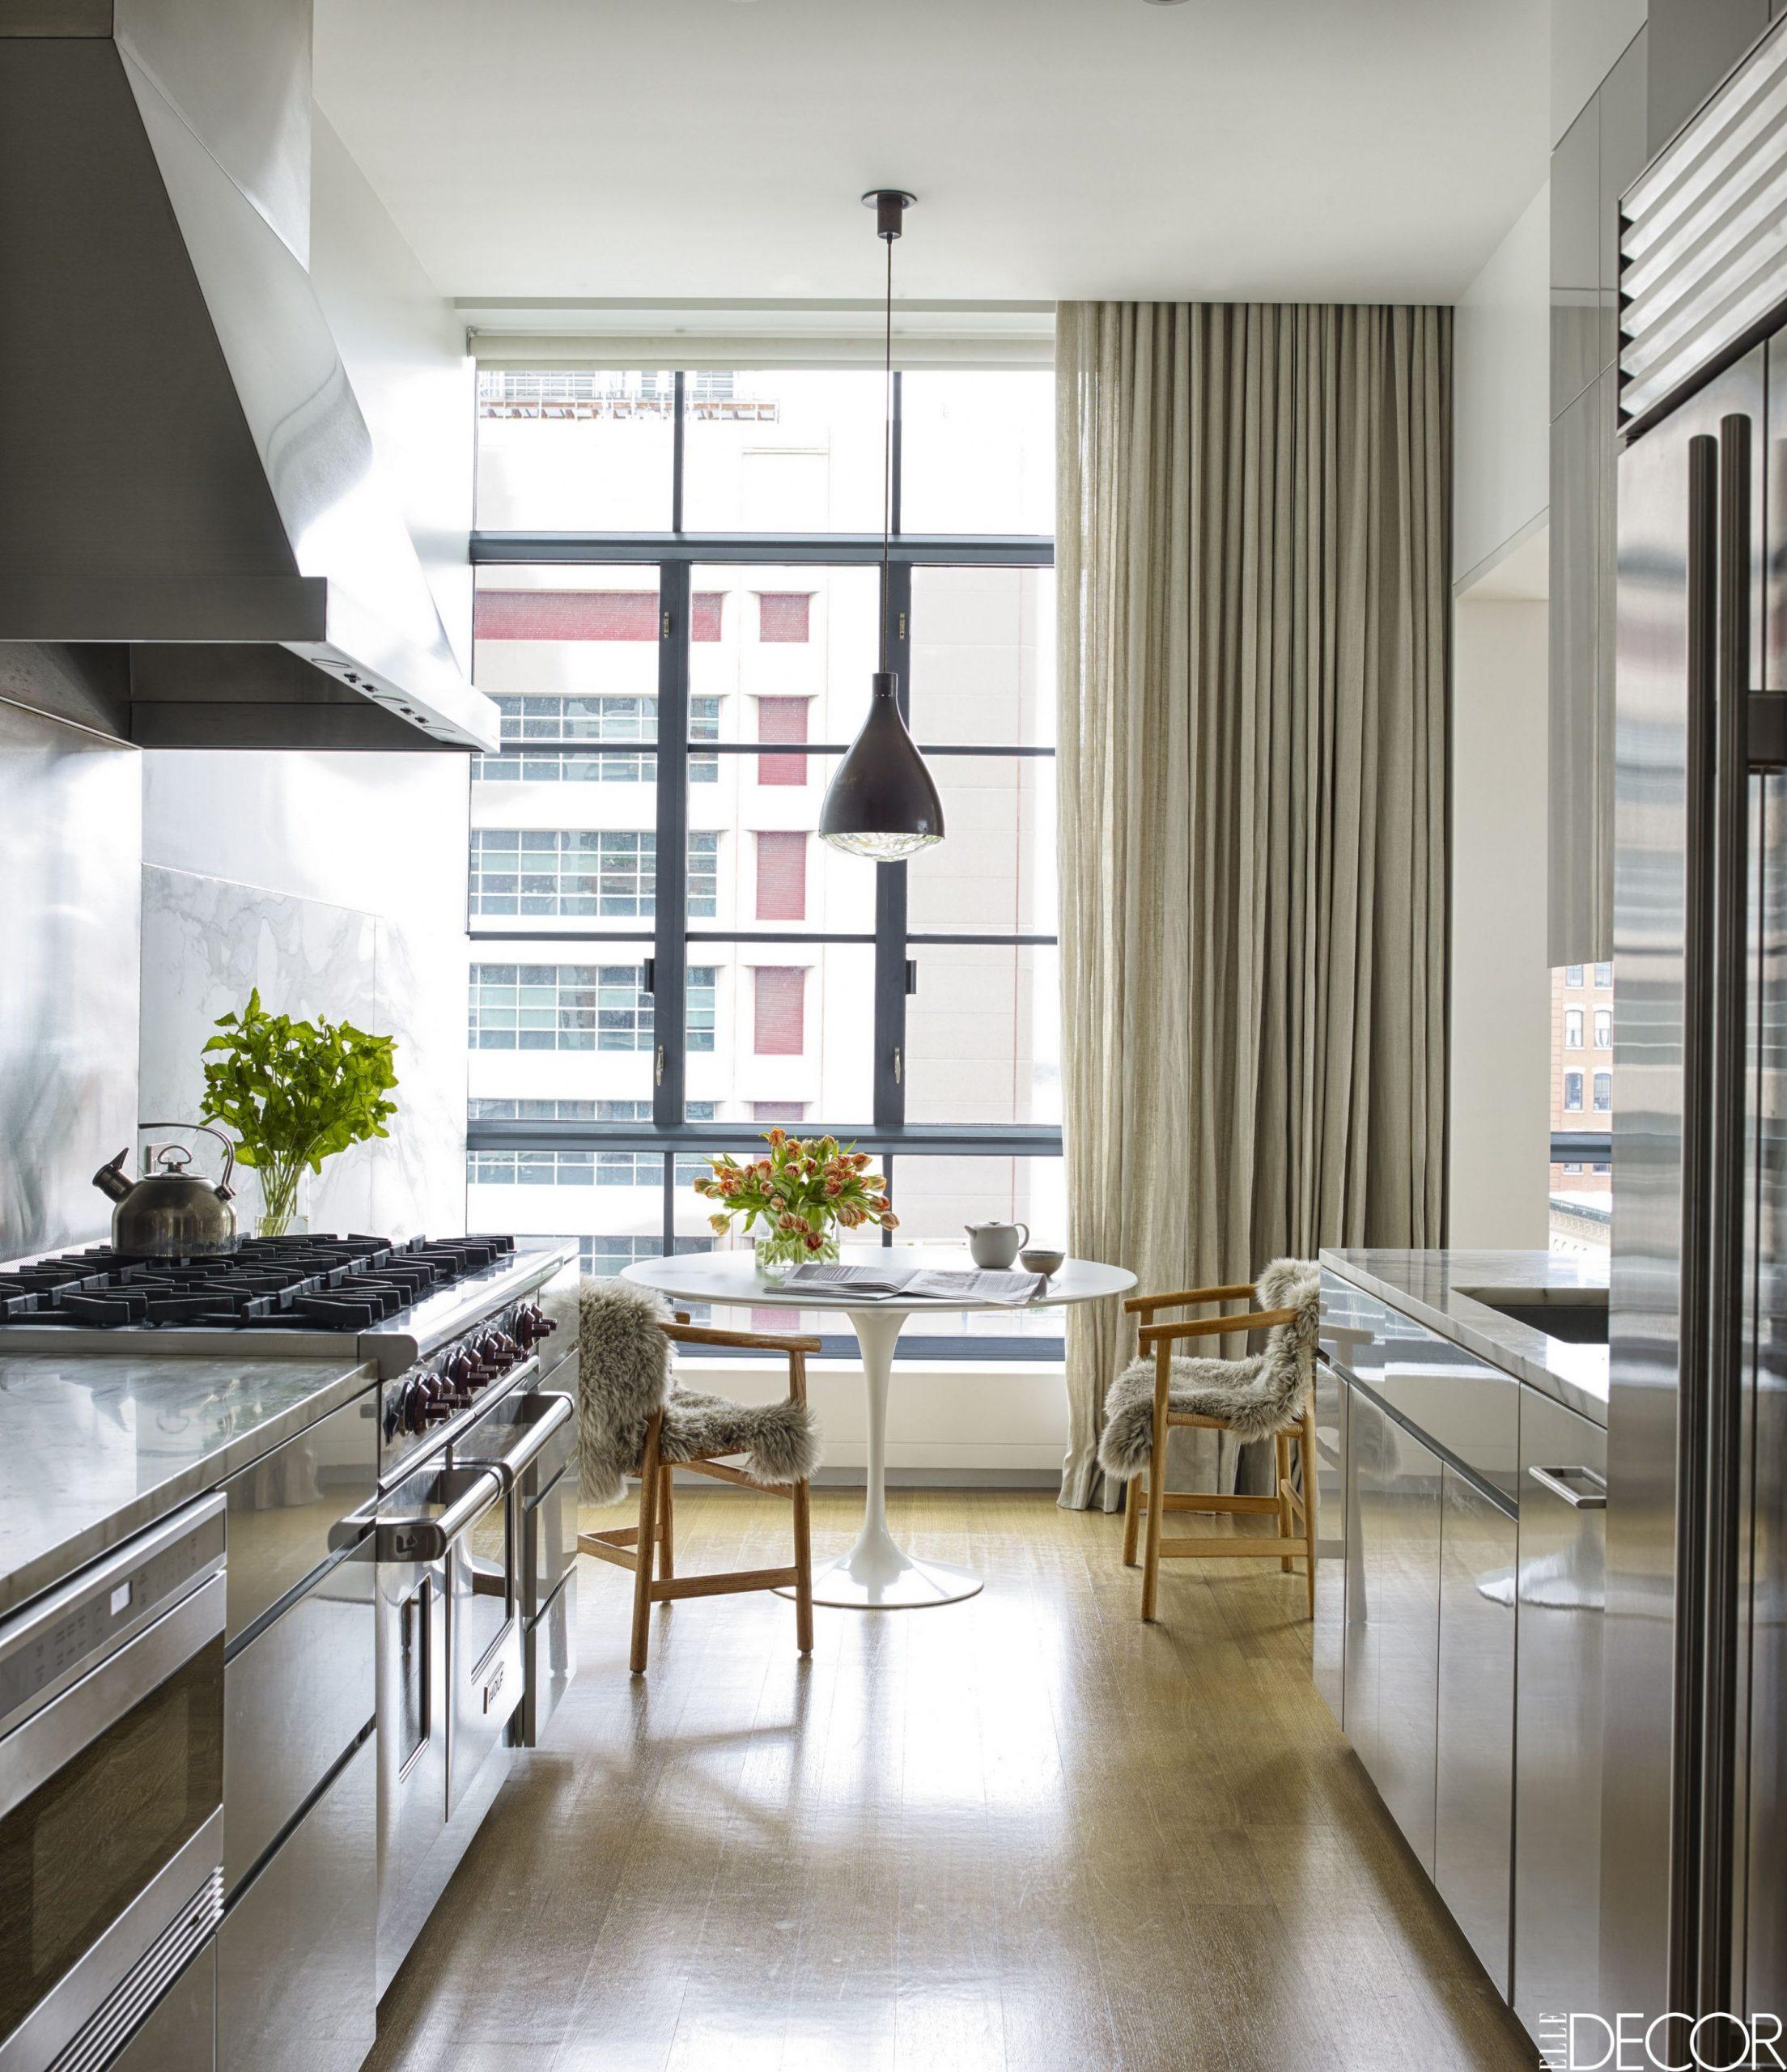 10 Creative Small Kitchen Ideas - Brilliant Small Space Hacks - Apartment Kitchen Design